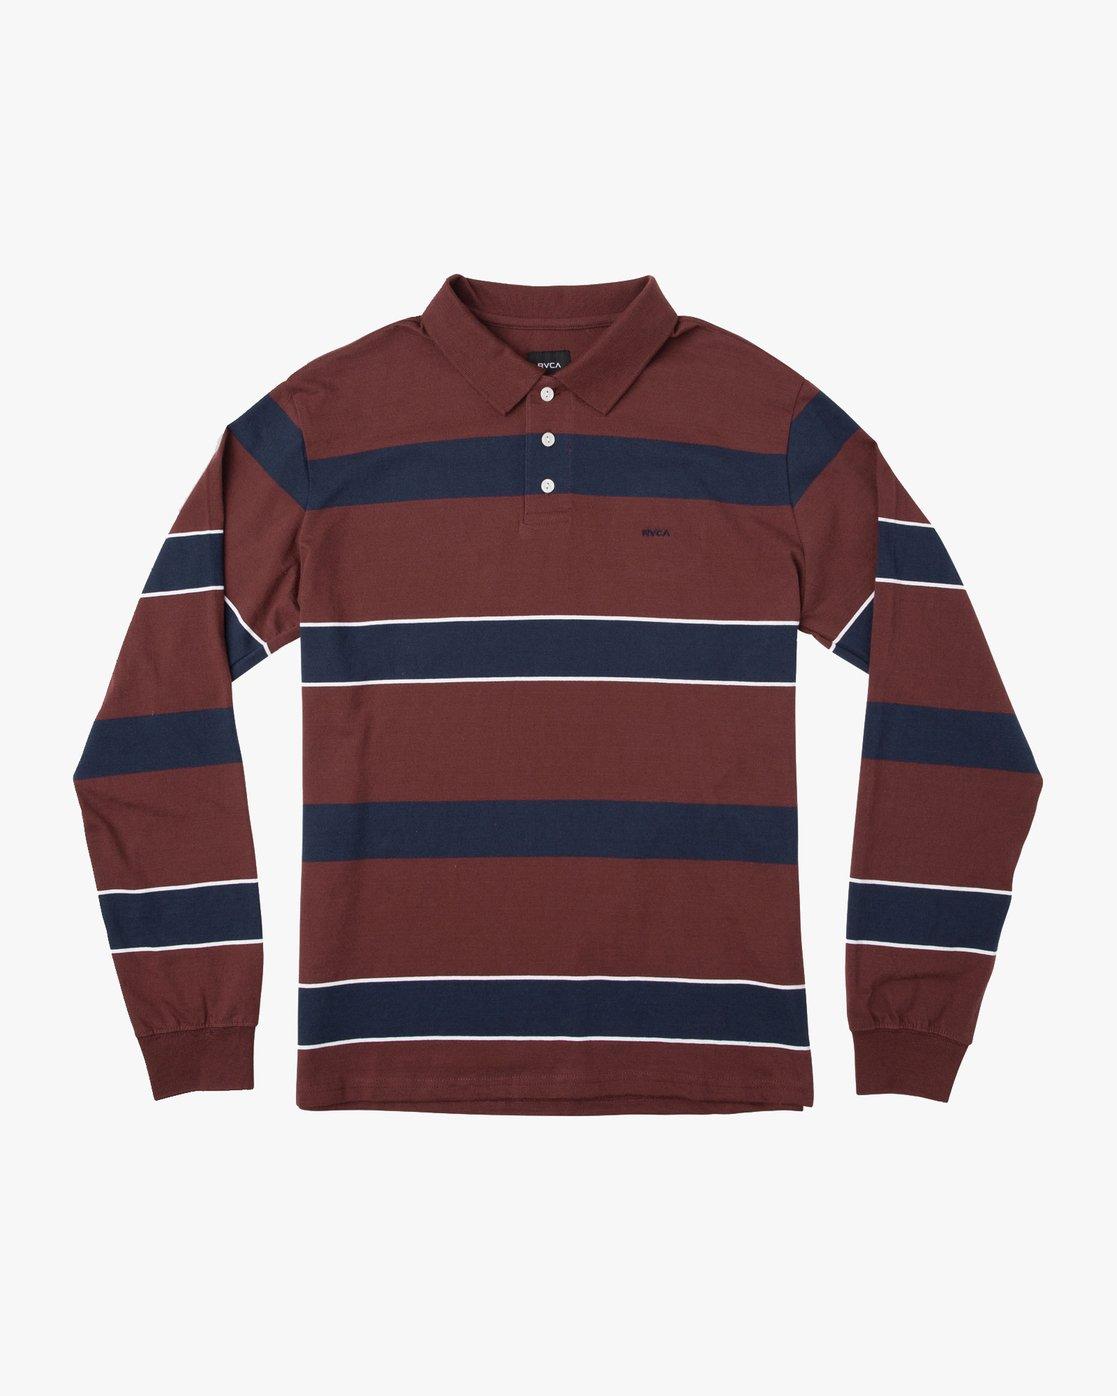 0 Darklands Striped Polo Shirt Red M951TRDP RVCA